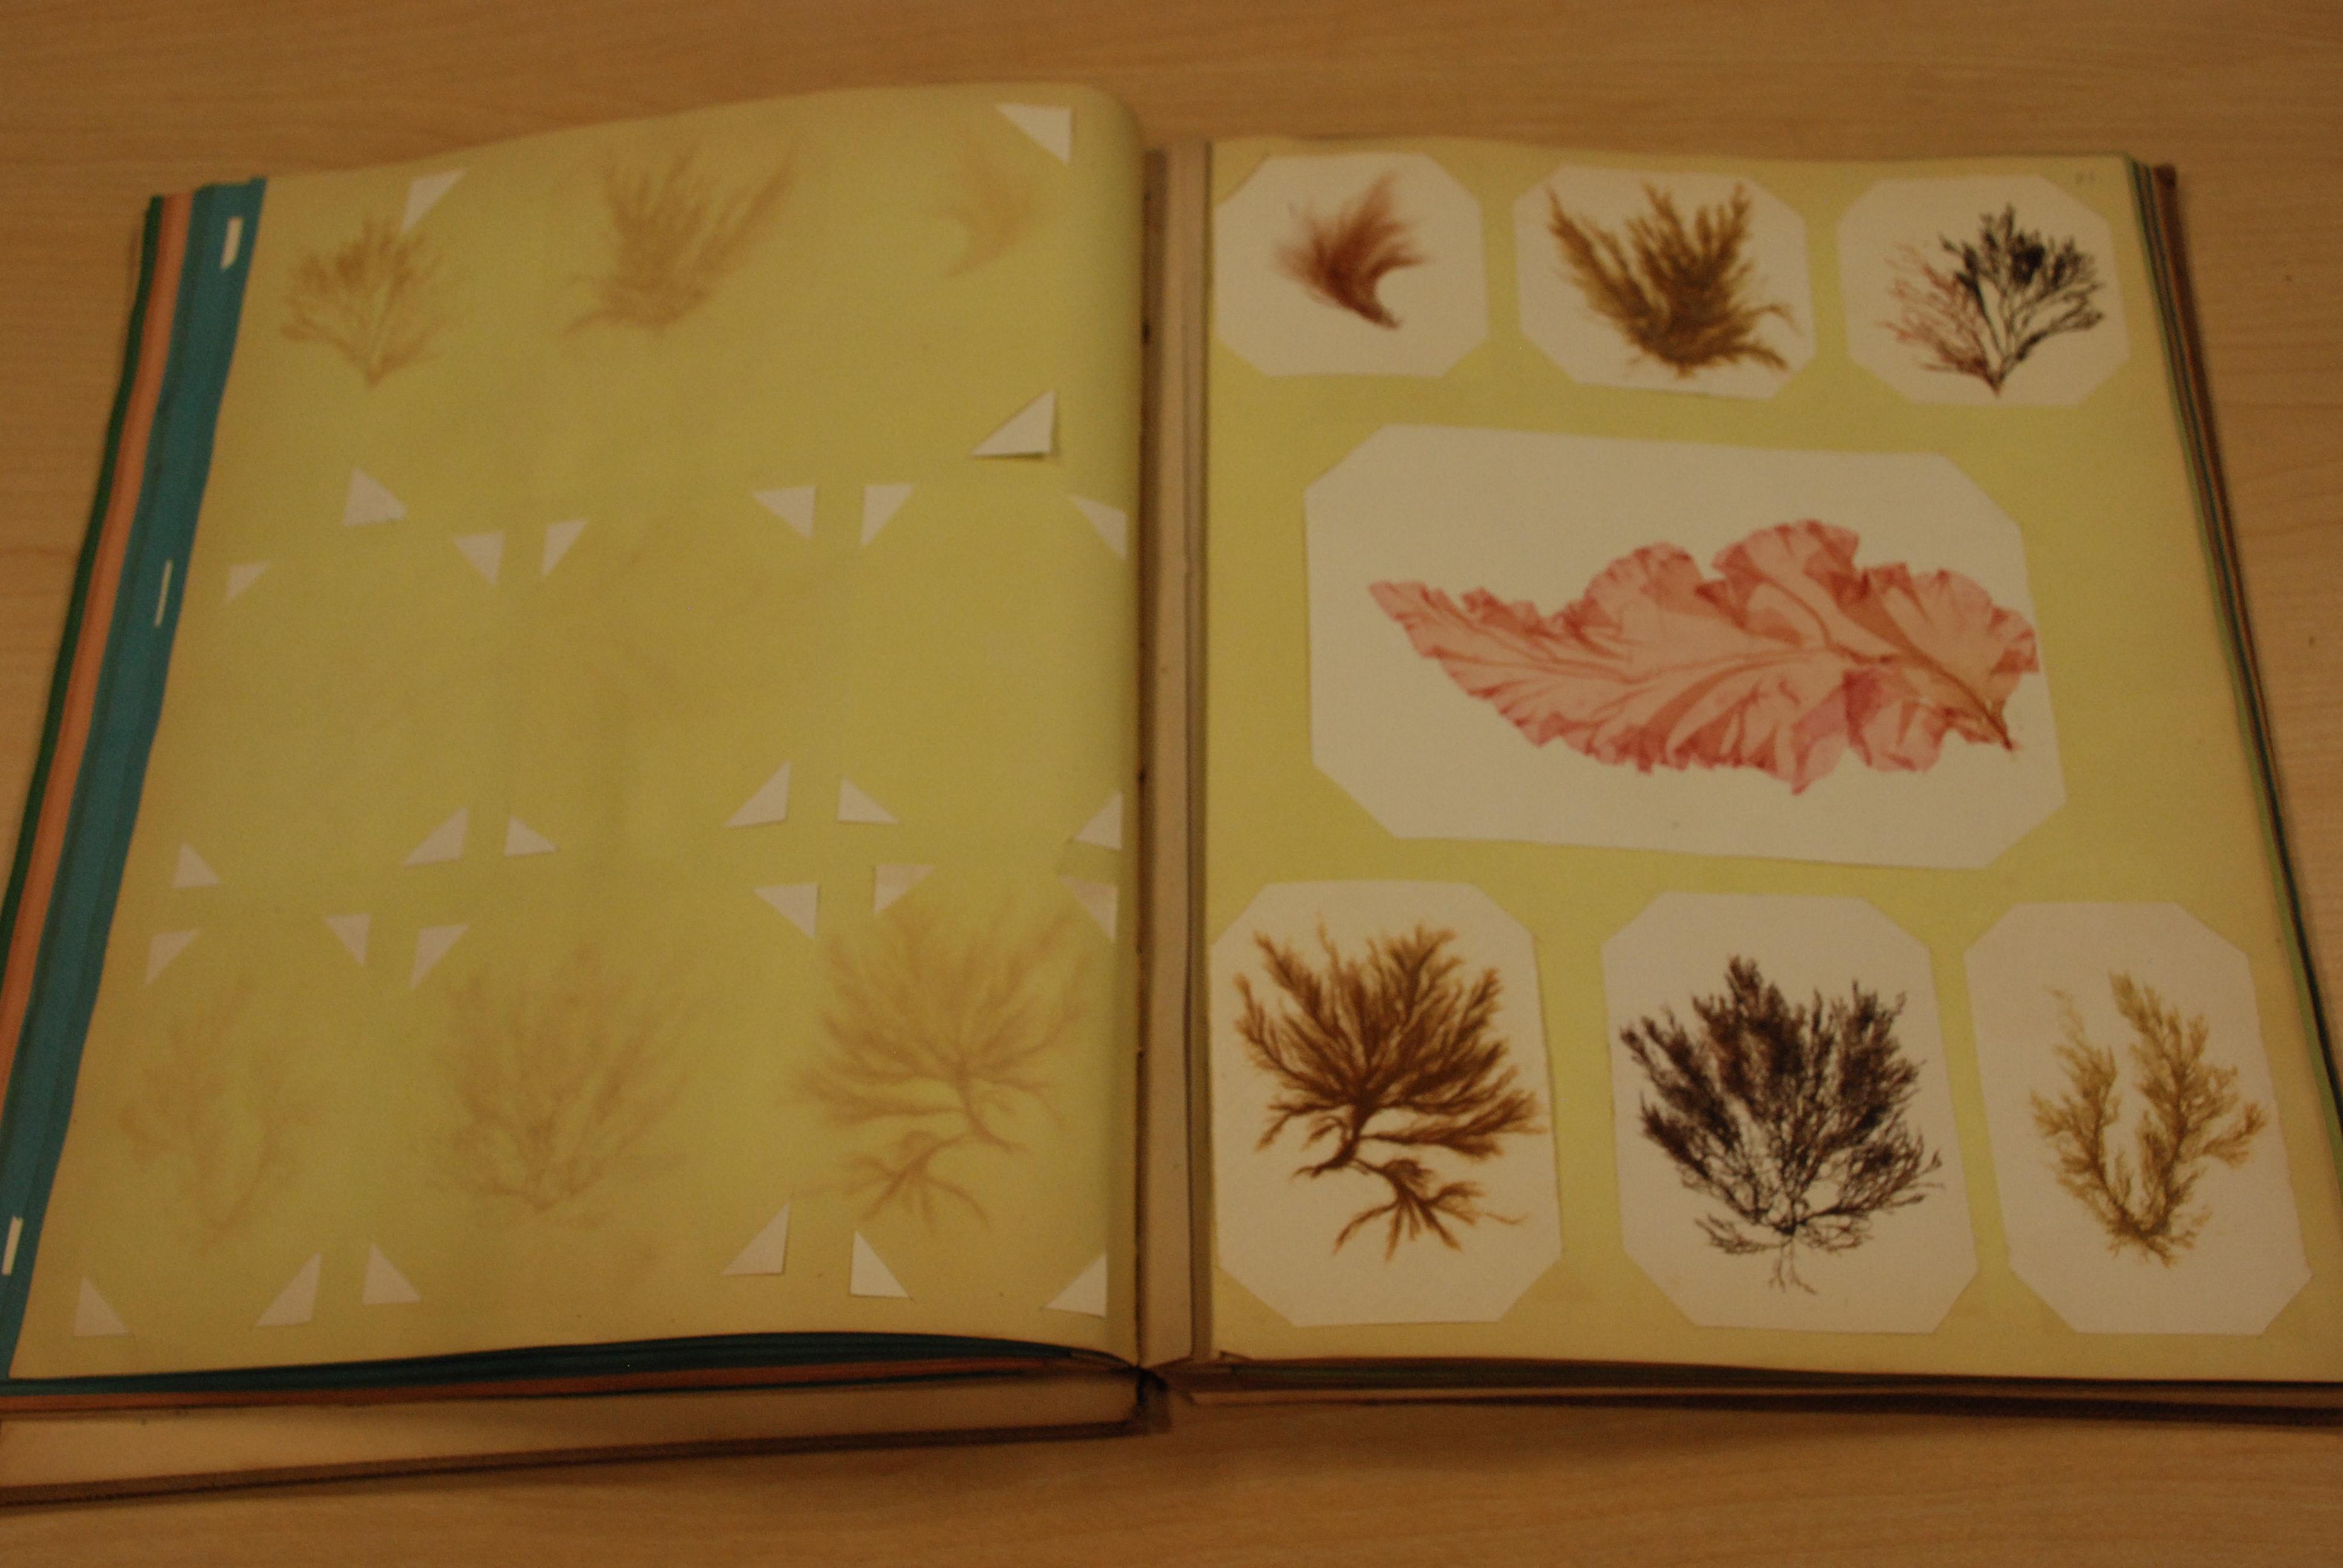 Scrap book meaning - Dsc_0110 Dsc_0111